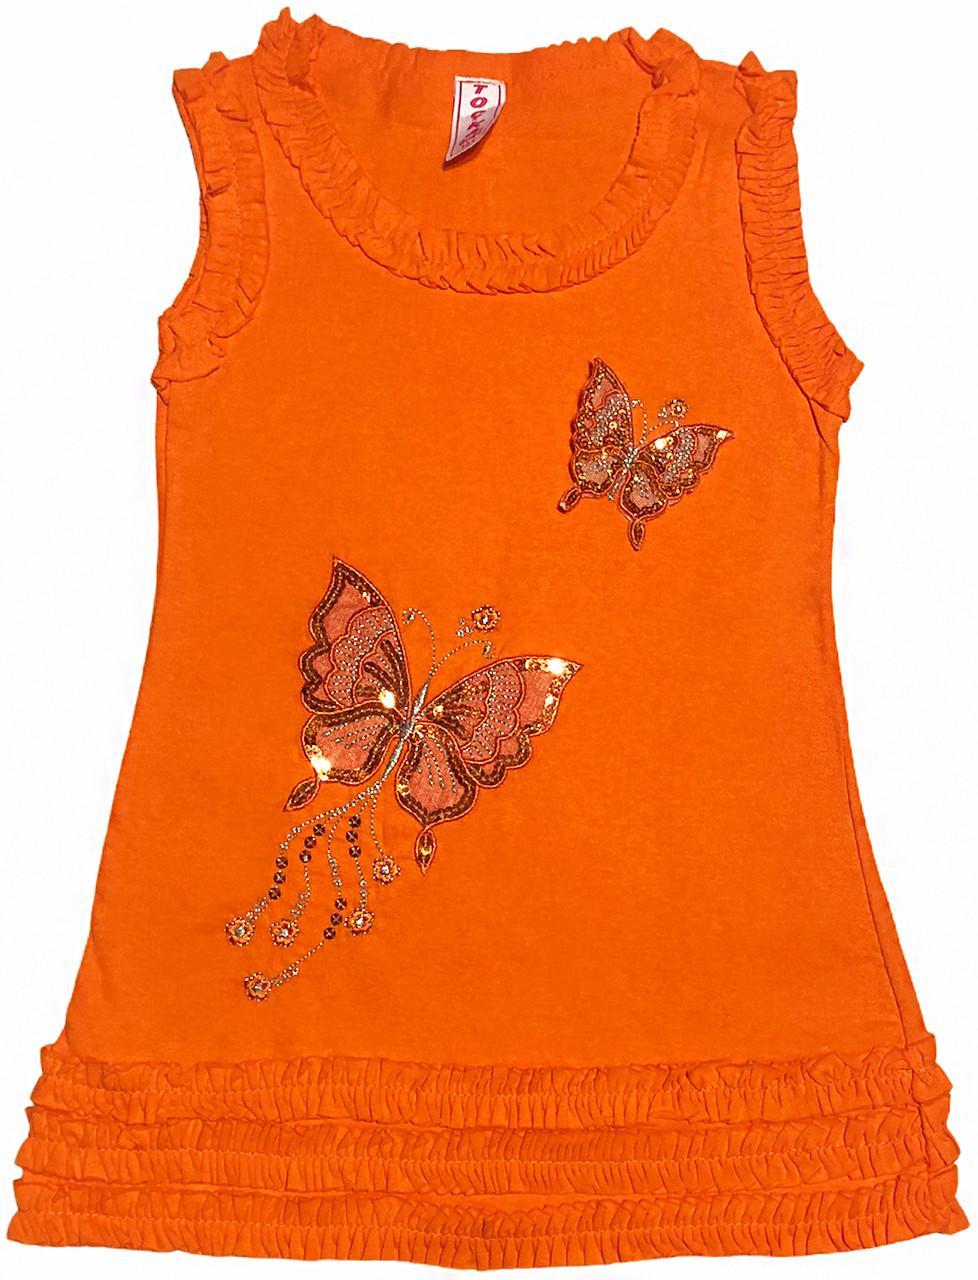 Детская туника с пайетками на девочку рост 128 7-8 лет для детей нарядная красивая летняя трикотаж оранжевая